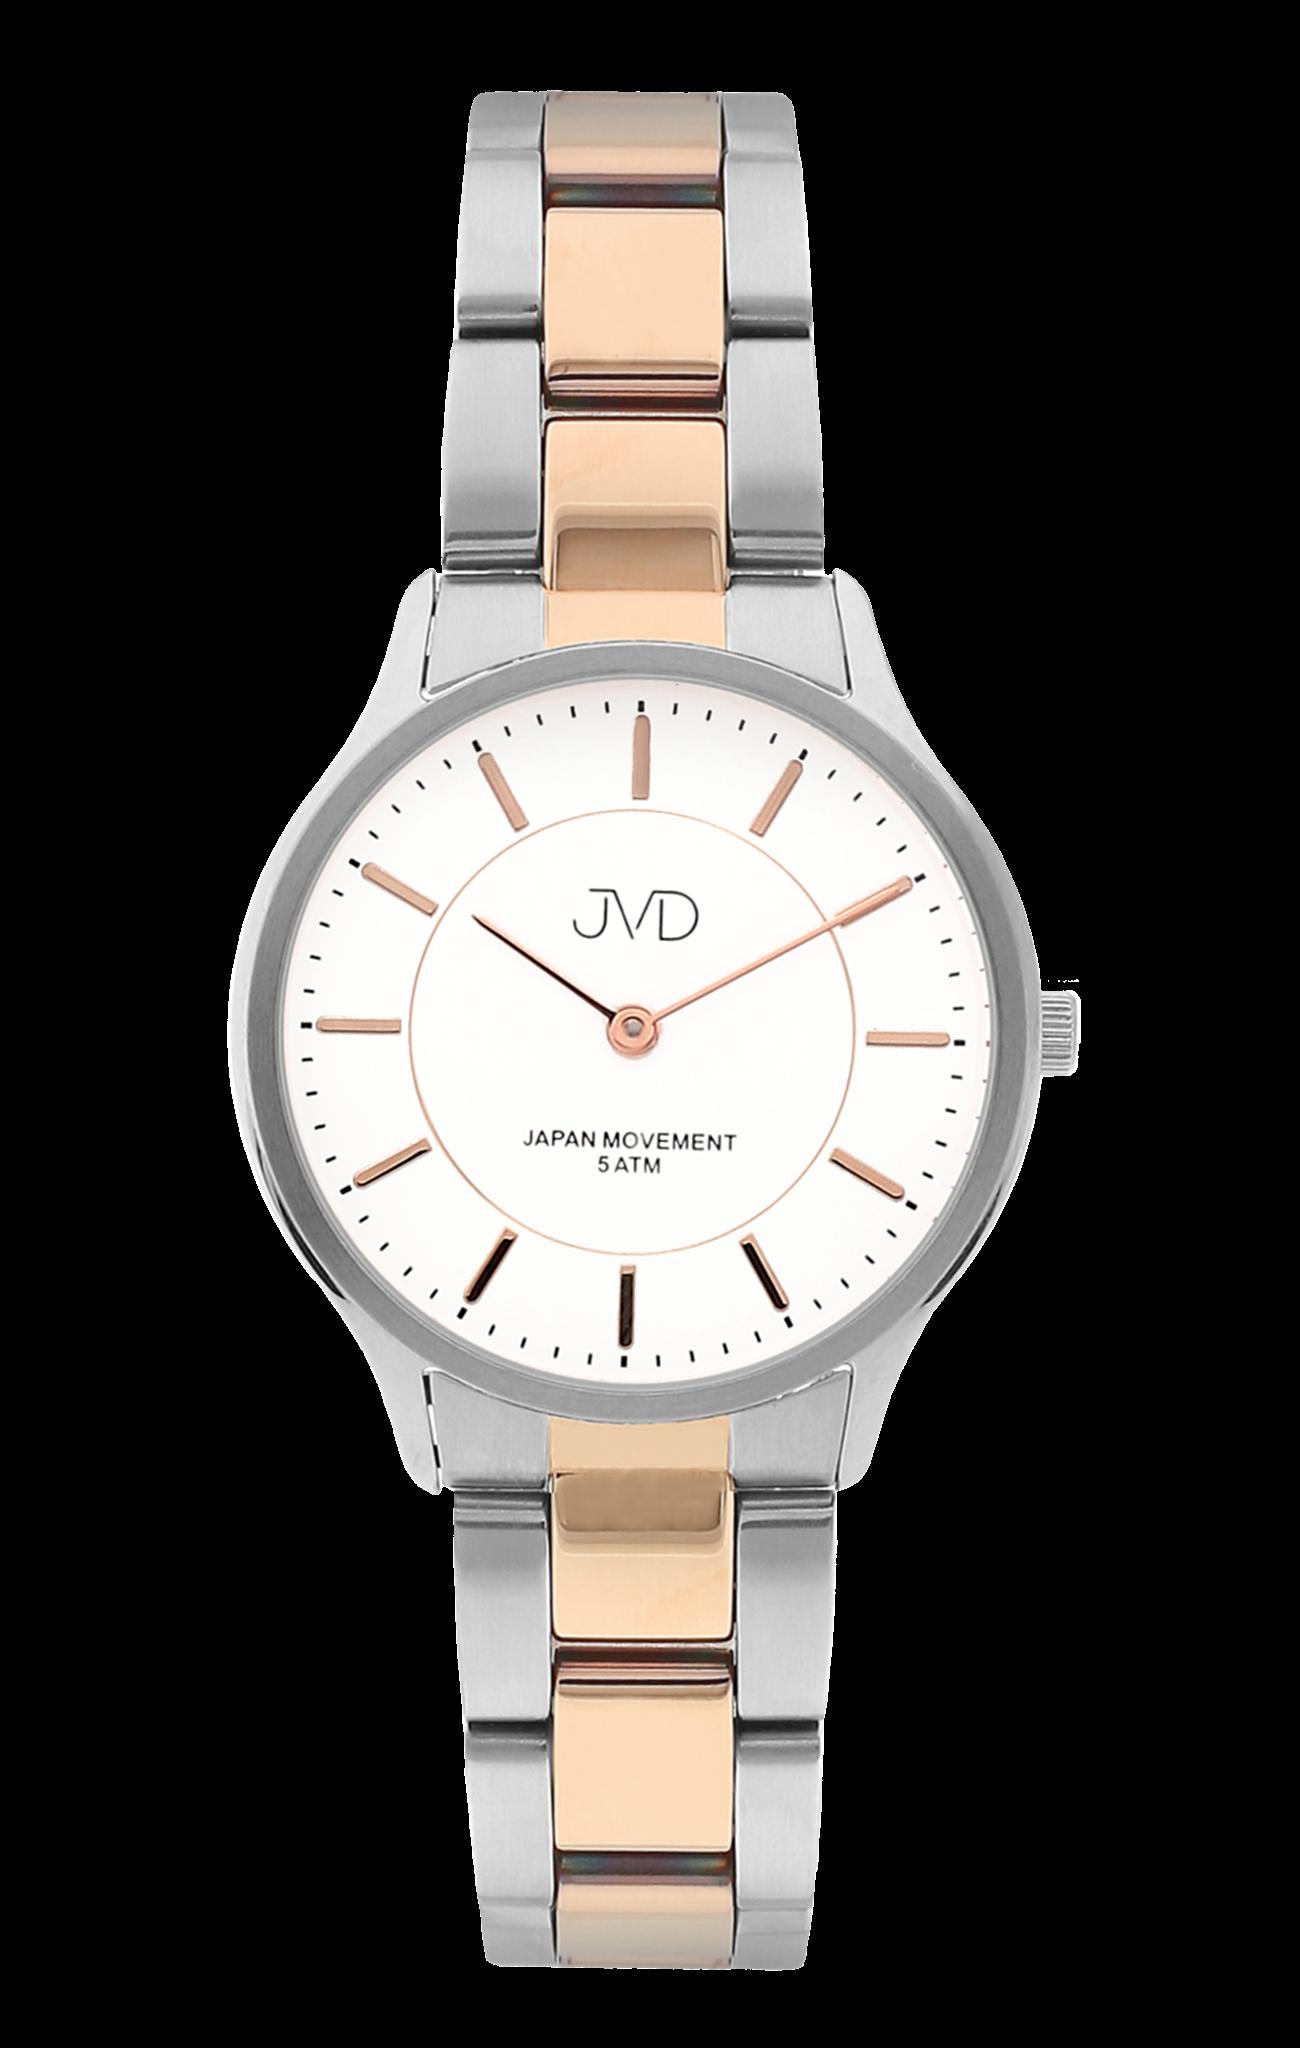 Dámské ocelové voděodolné náramkové hodinky JVD J4168.2 (POŠTOVNÉ ZDARMA!!)